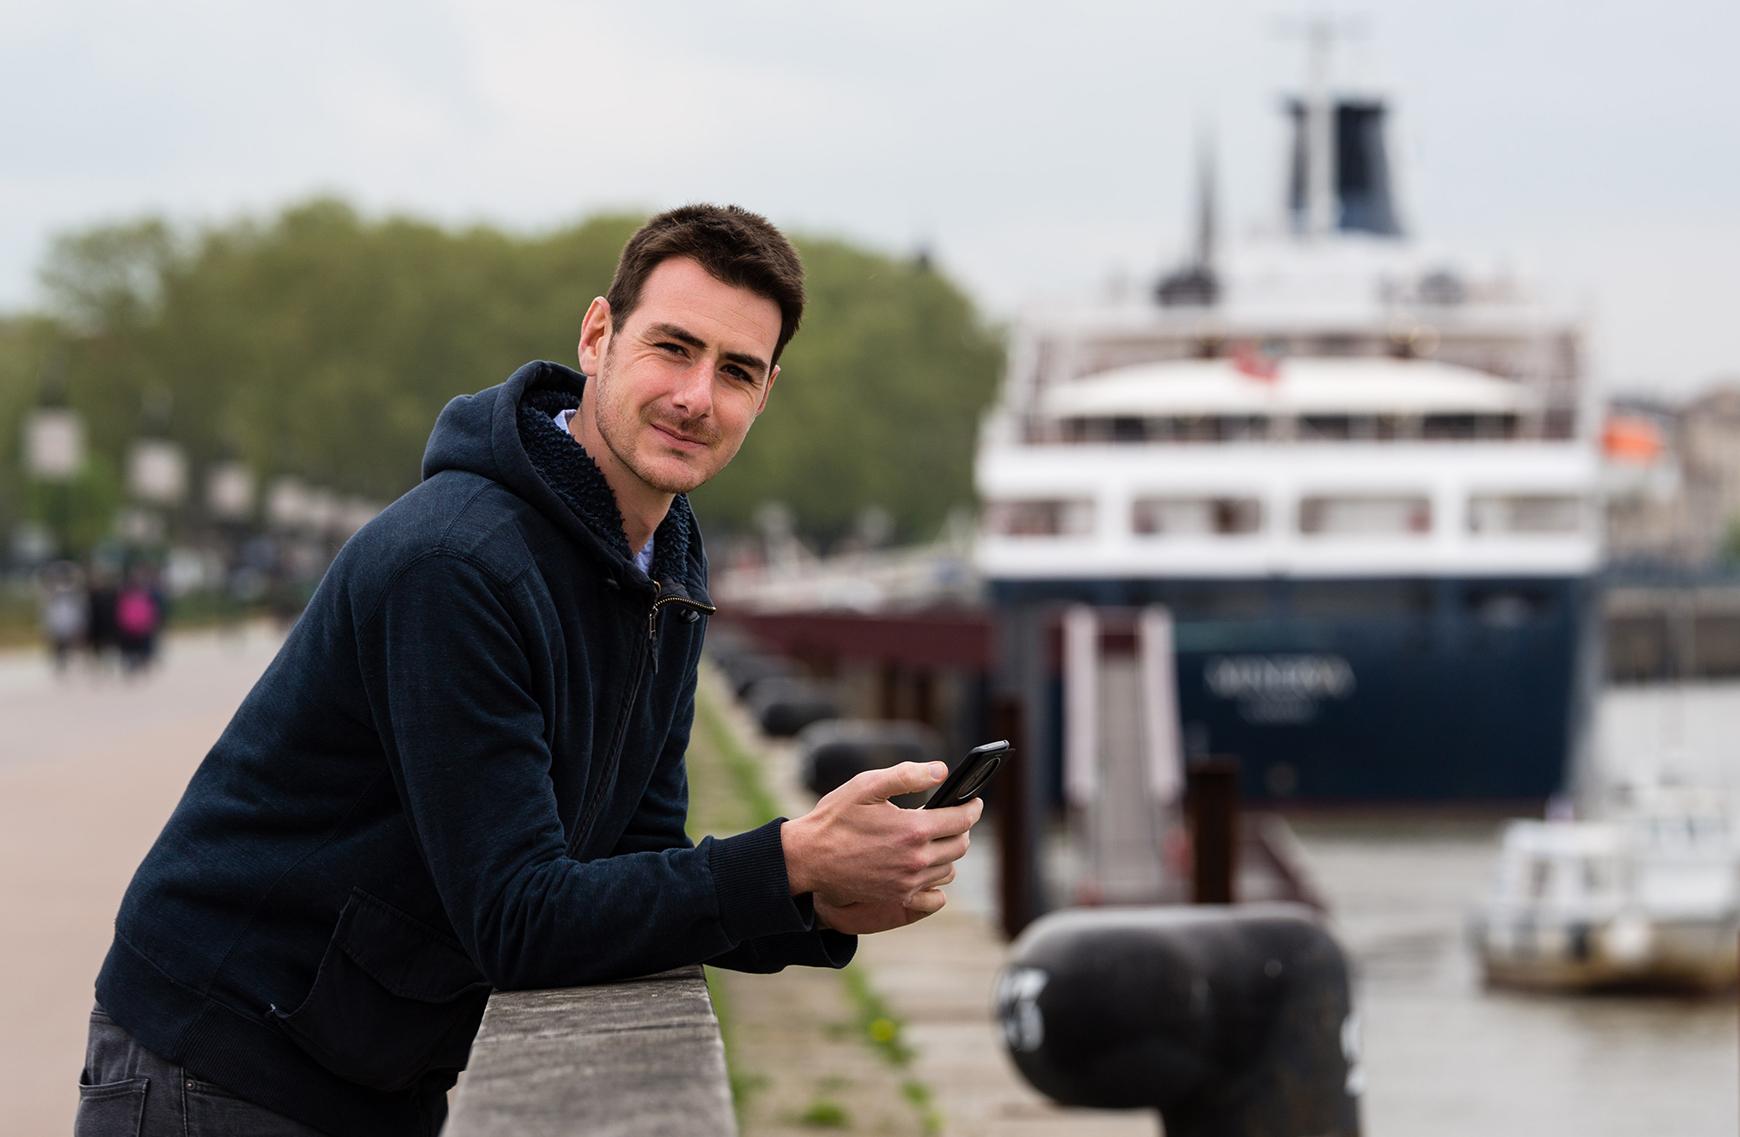 Entretien avec Rémy Martineau, Webmaster / Community Manager de l'Office de Tourisme de Bordeaux Métropole